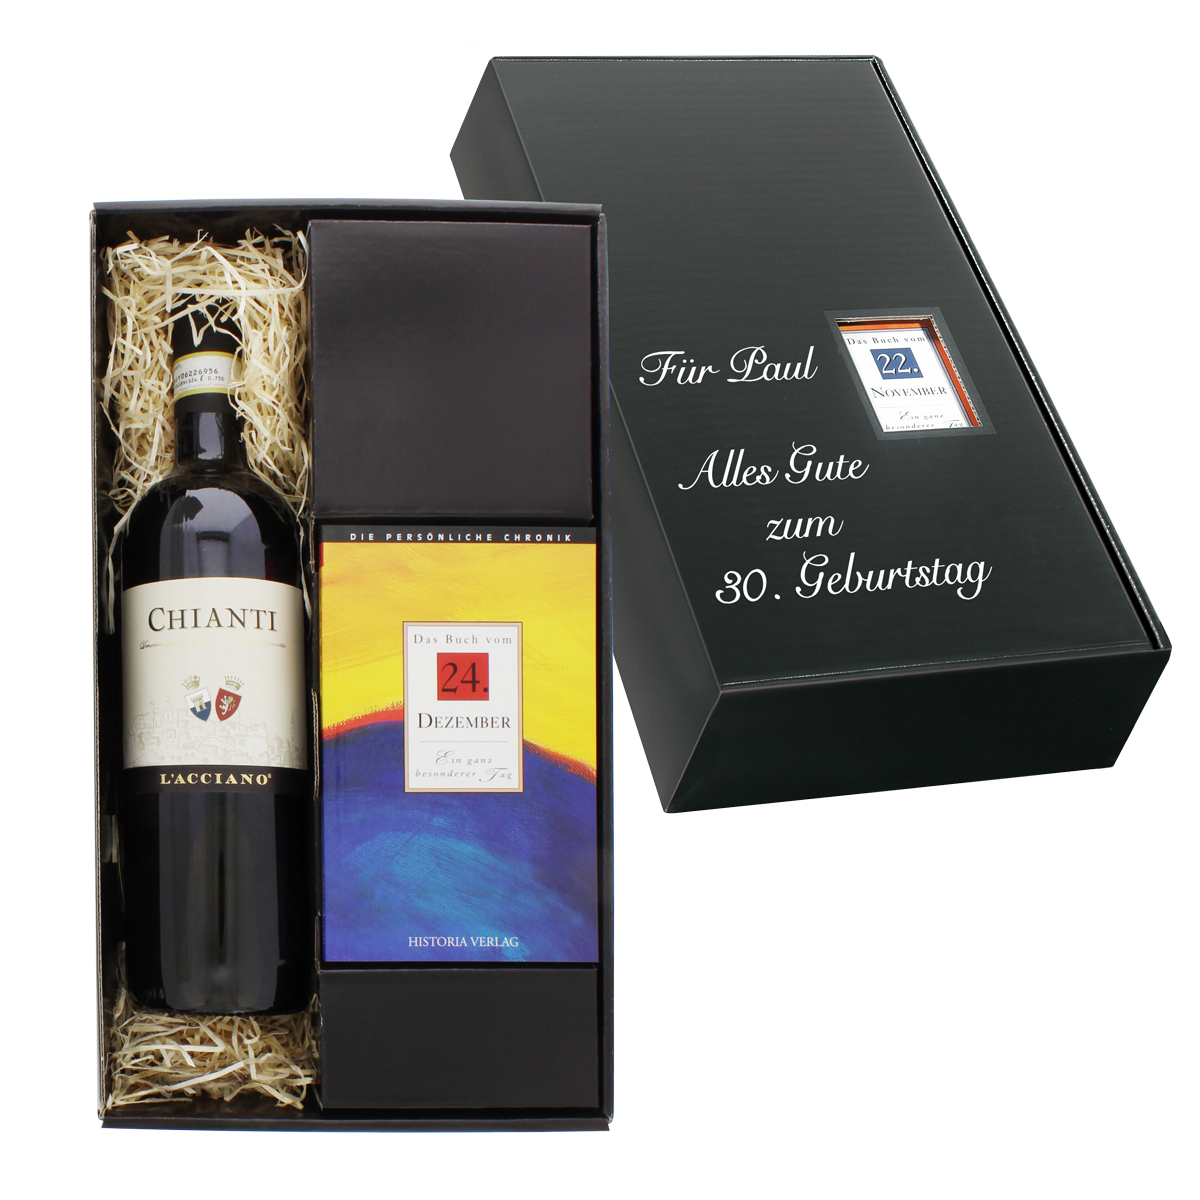 Italien-Set: Tageschronik vom 17. April & Chianti-Wein